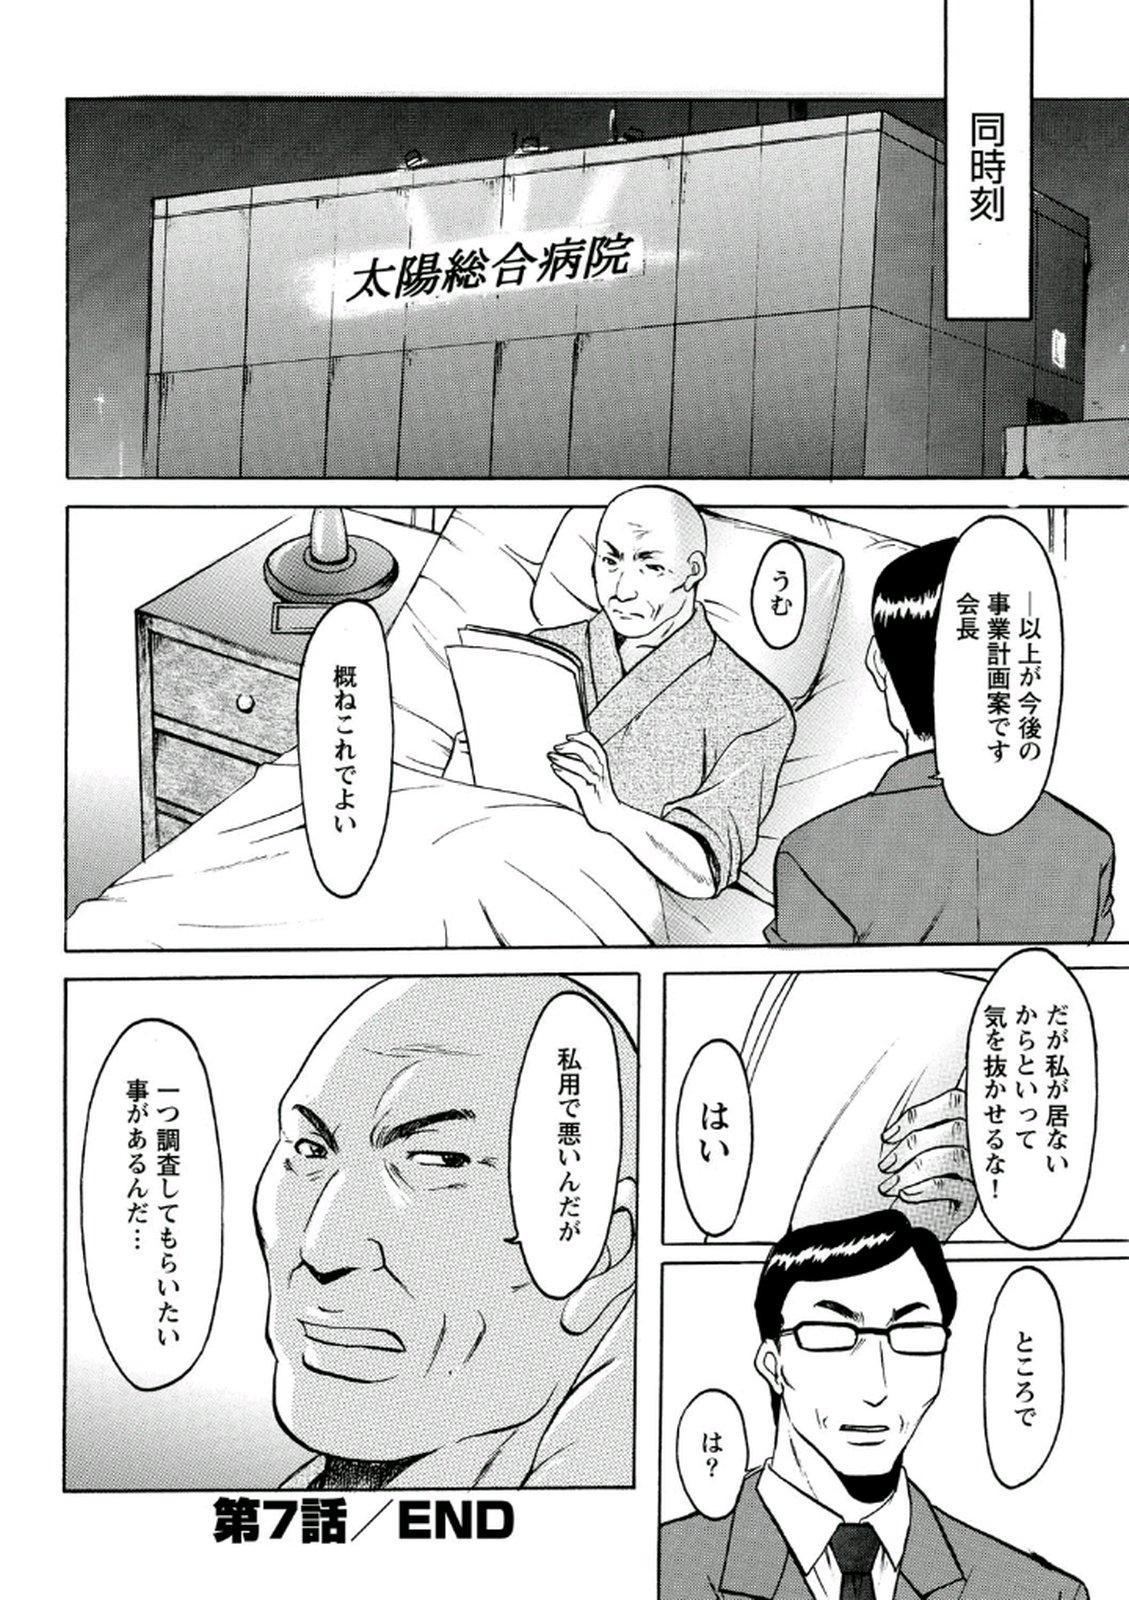 Chijoku Byoutou 155